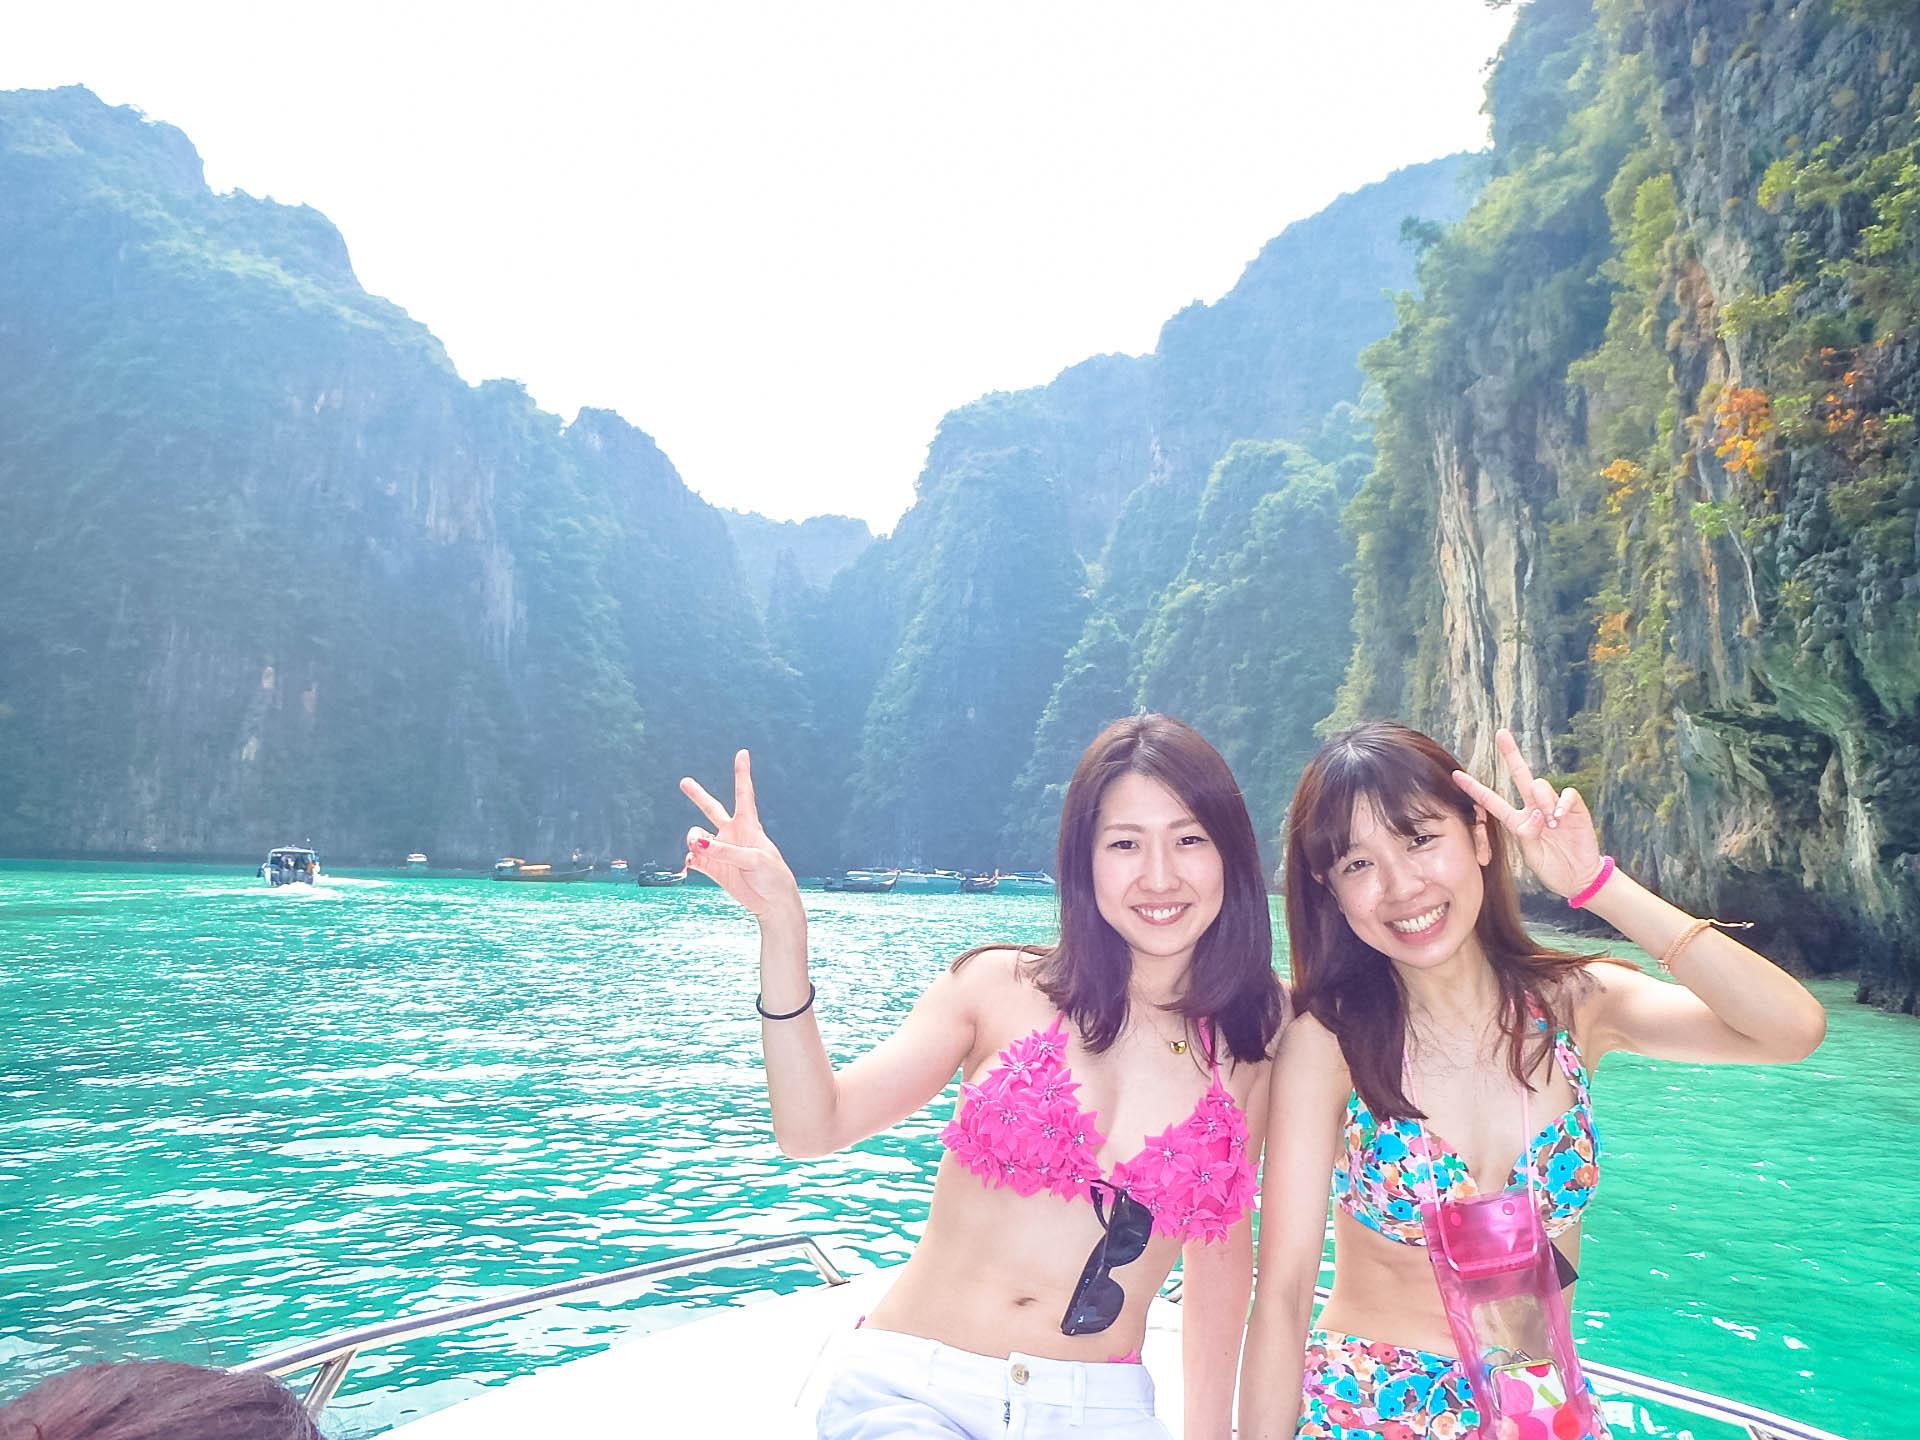 素人女性の水着 フェト☆37フェト [無断転載禁止]©bbspink.comYouTube動画>8本 ->画像>600枚